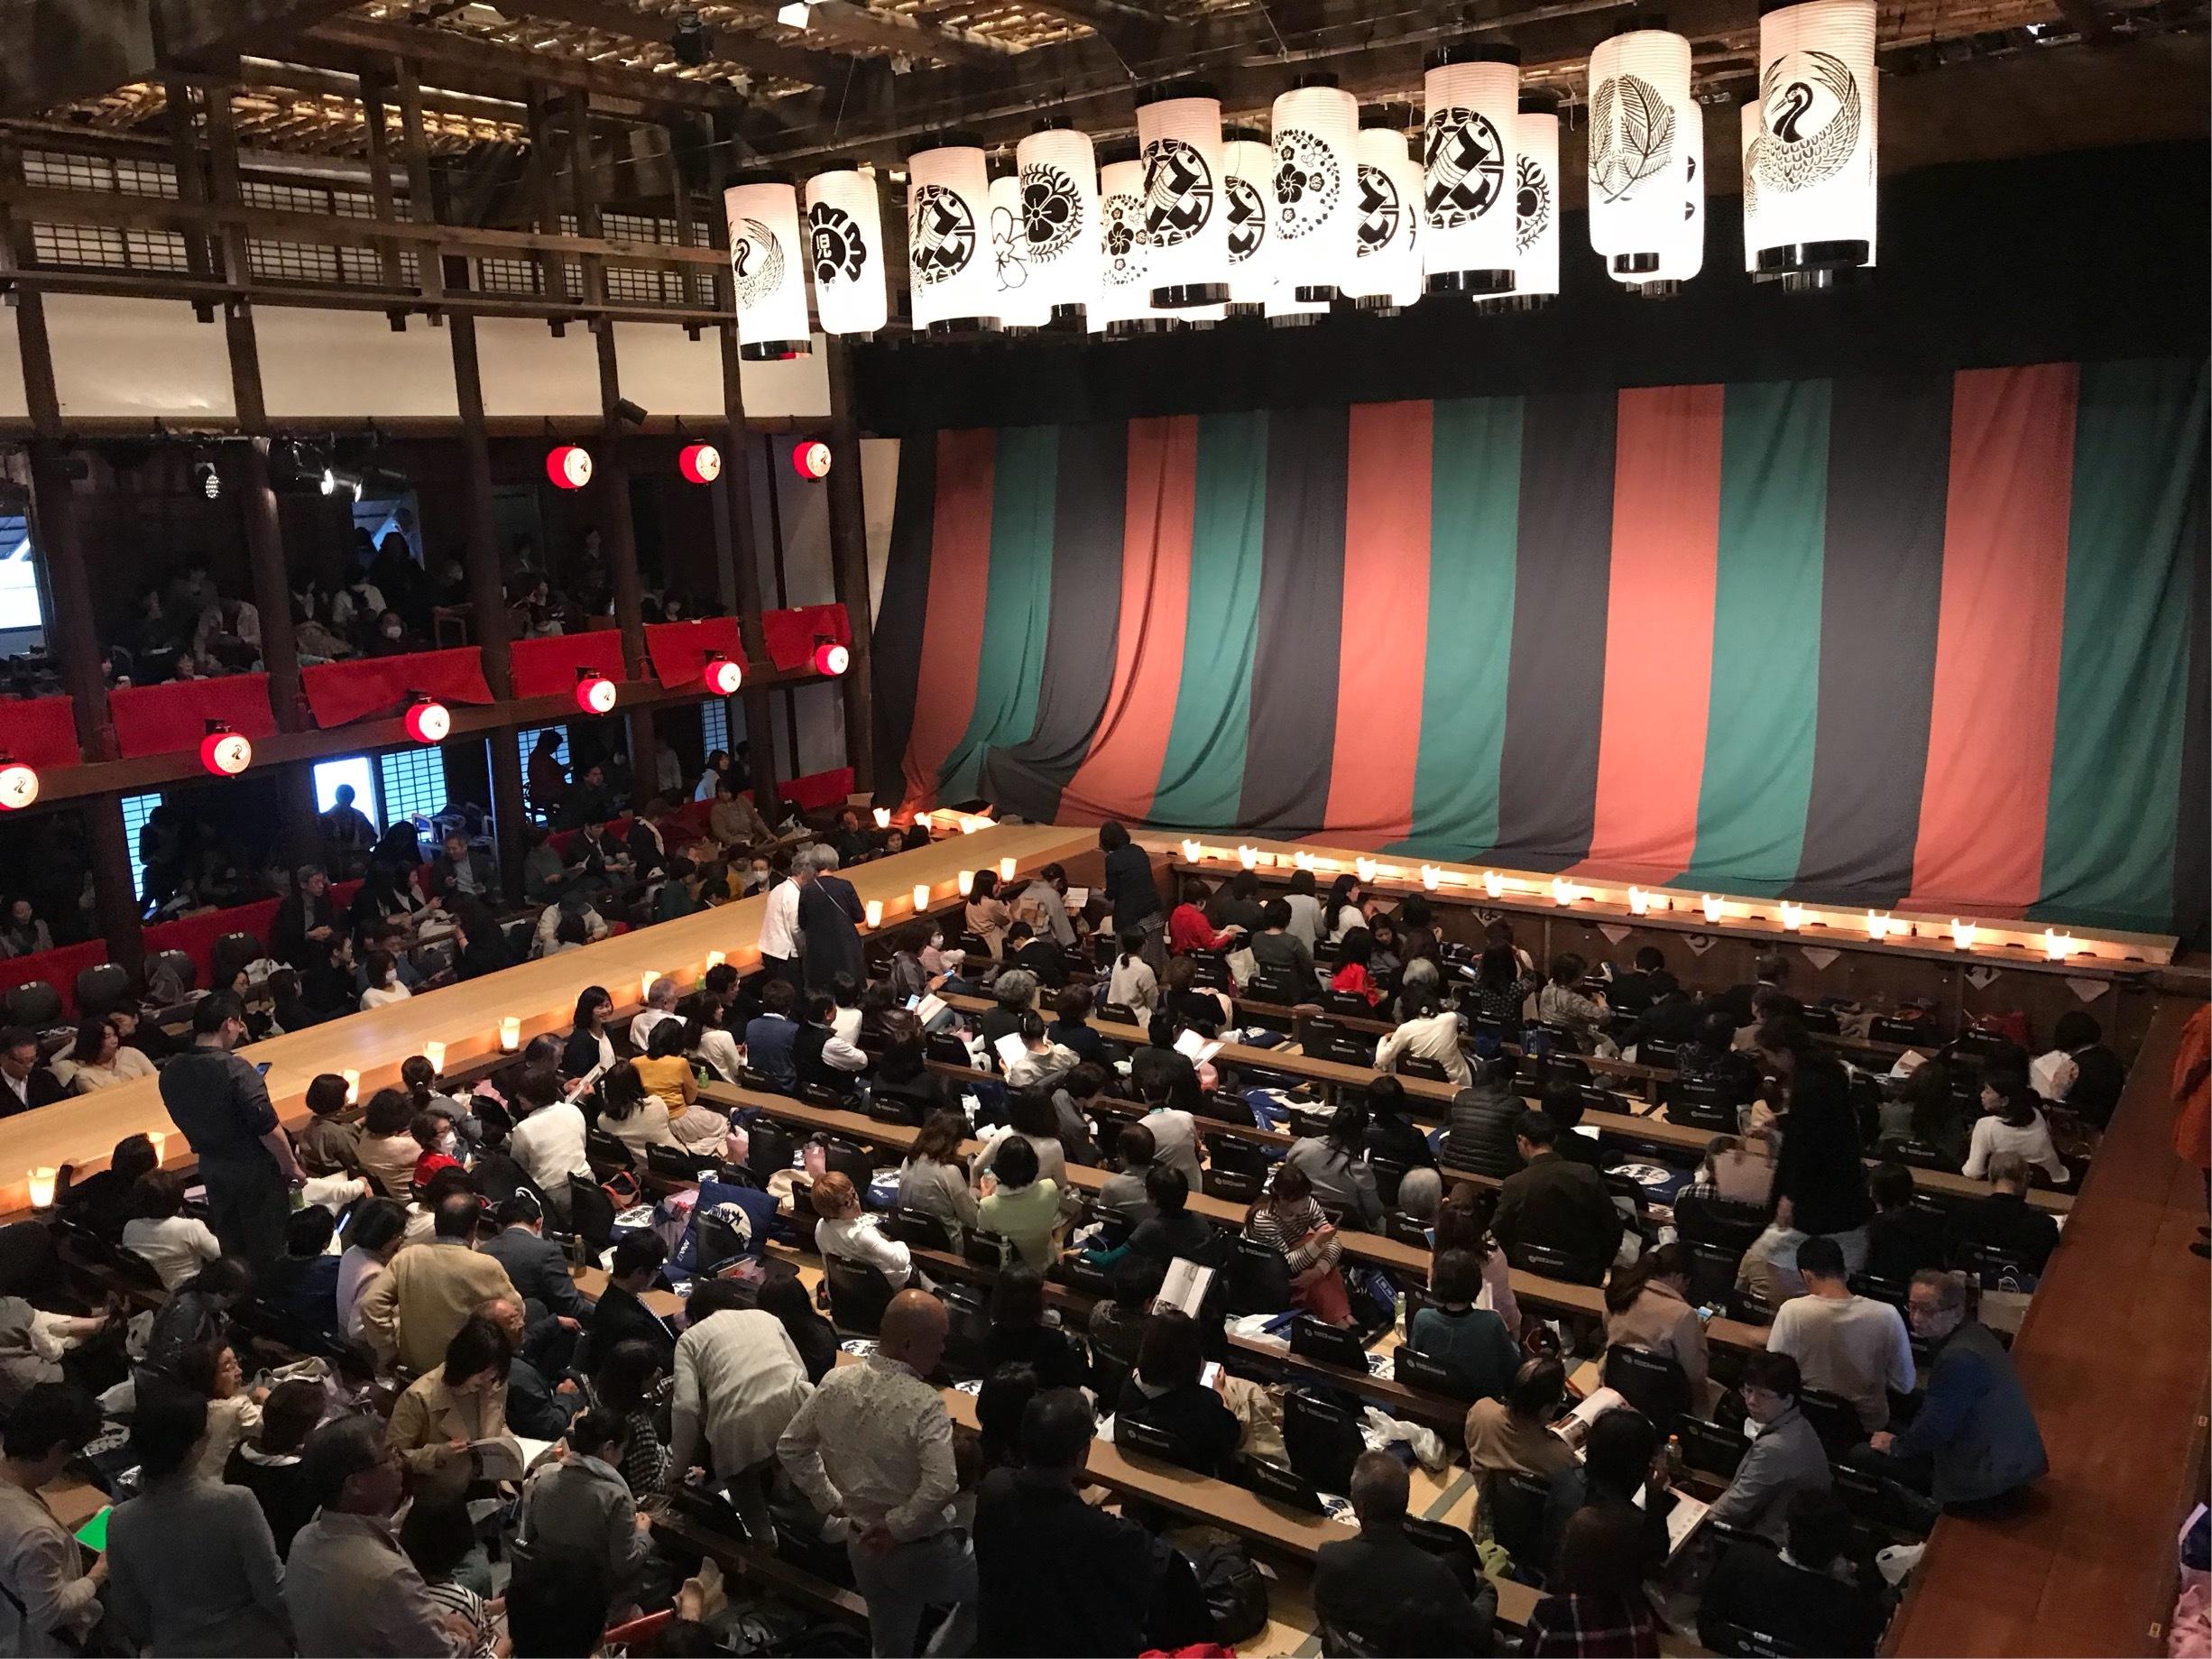 こんぴら歌舞伎を観に高松へ♡_1_1-2